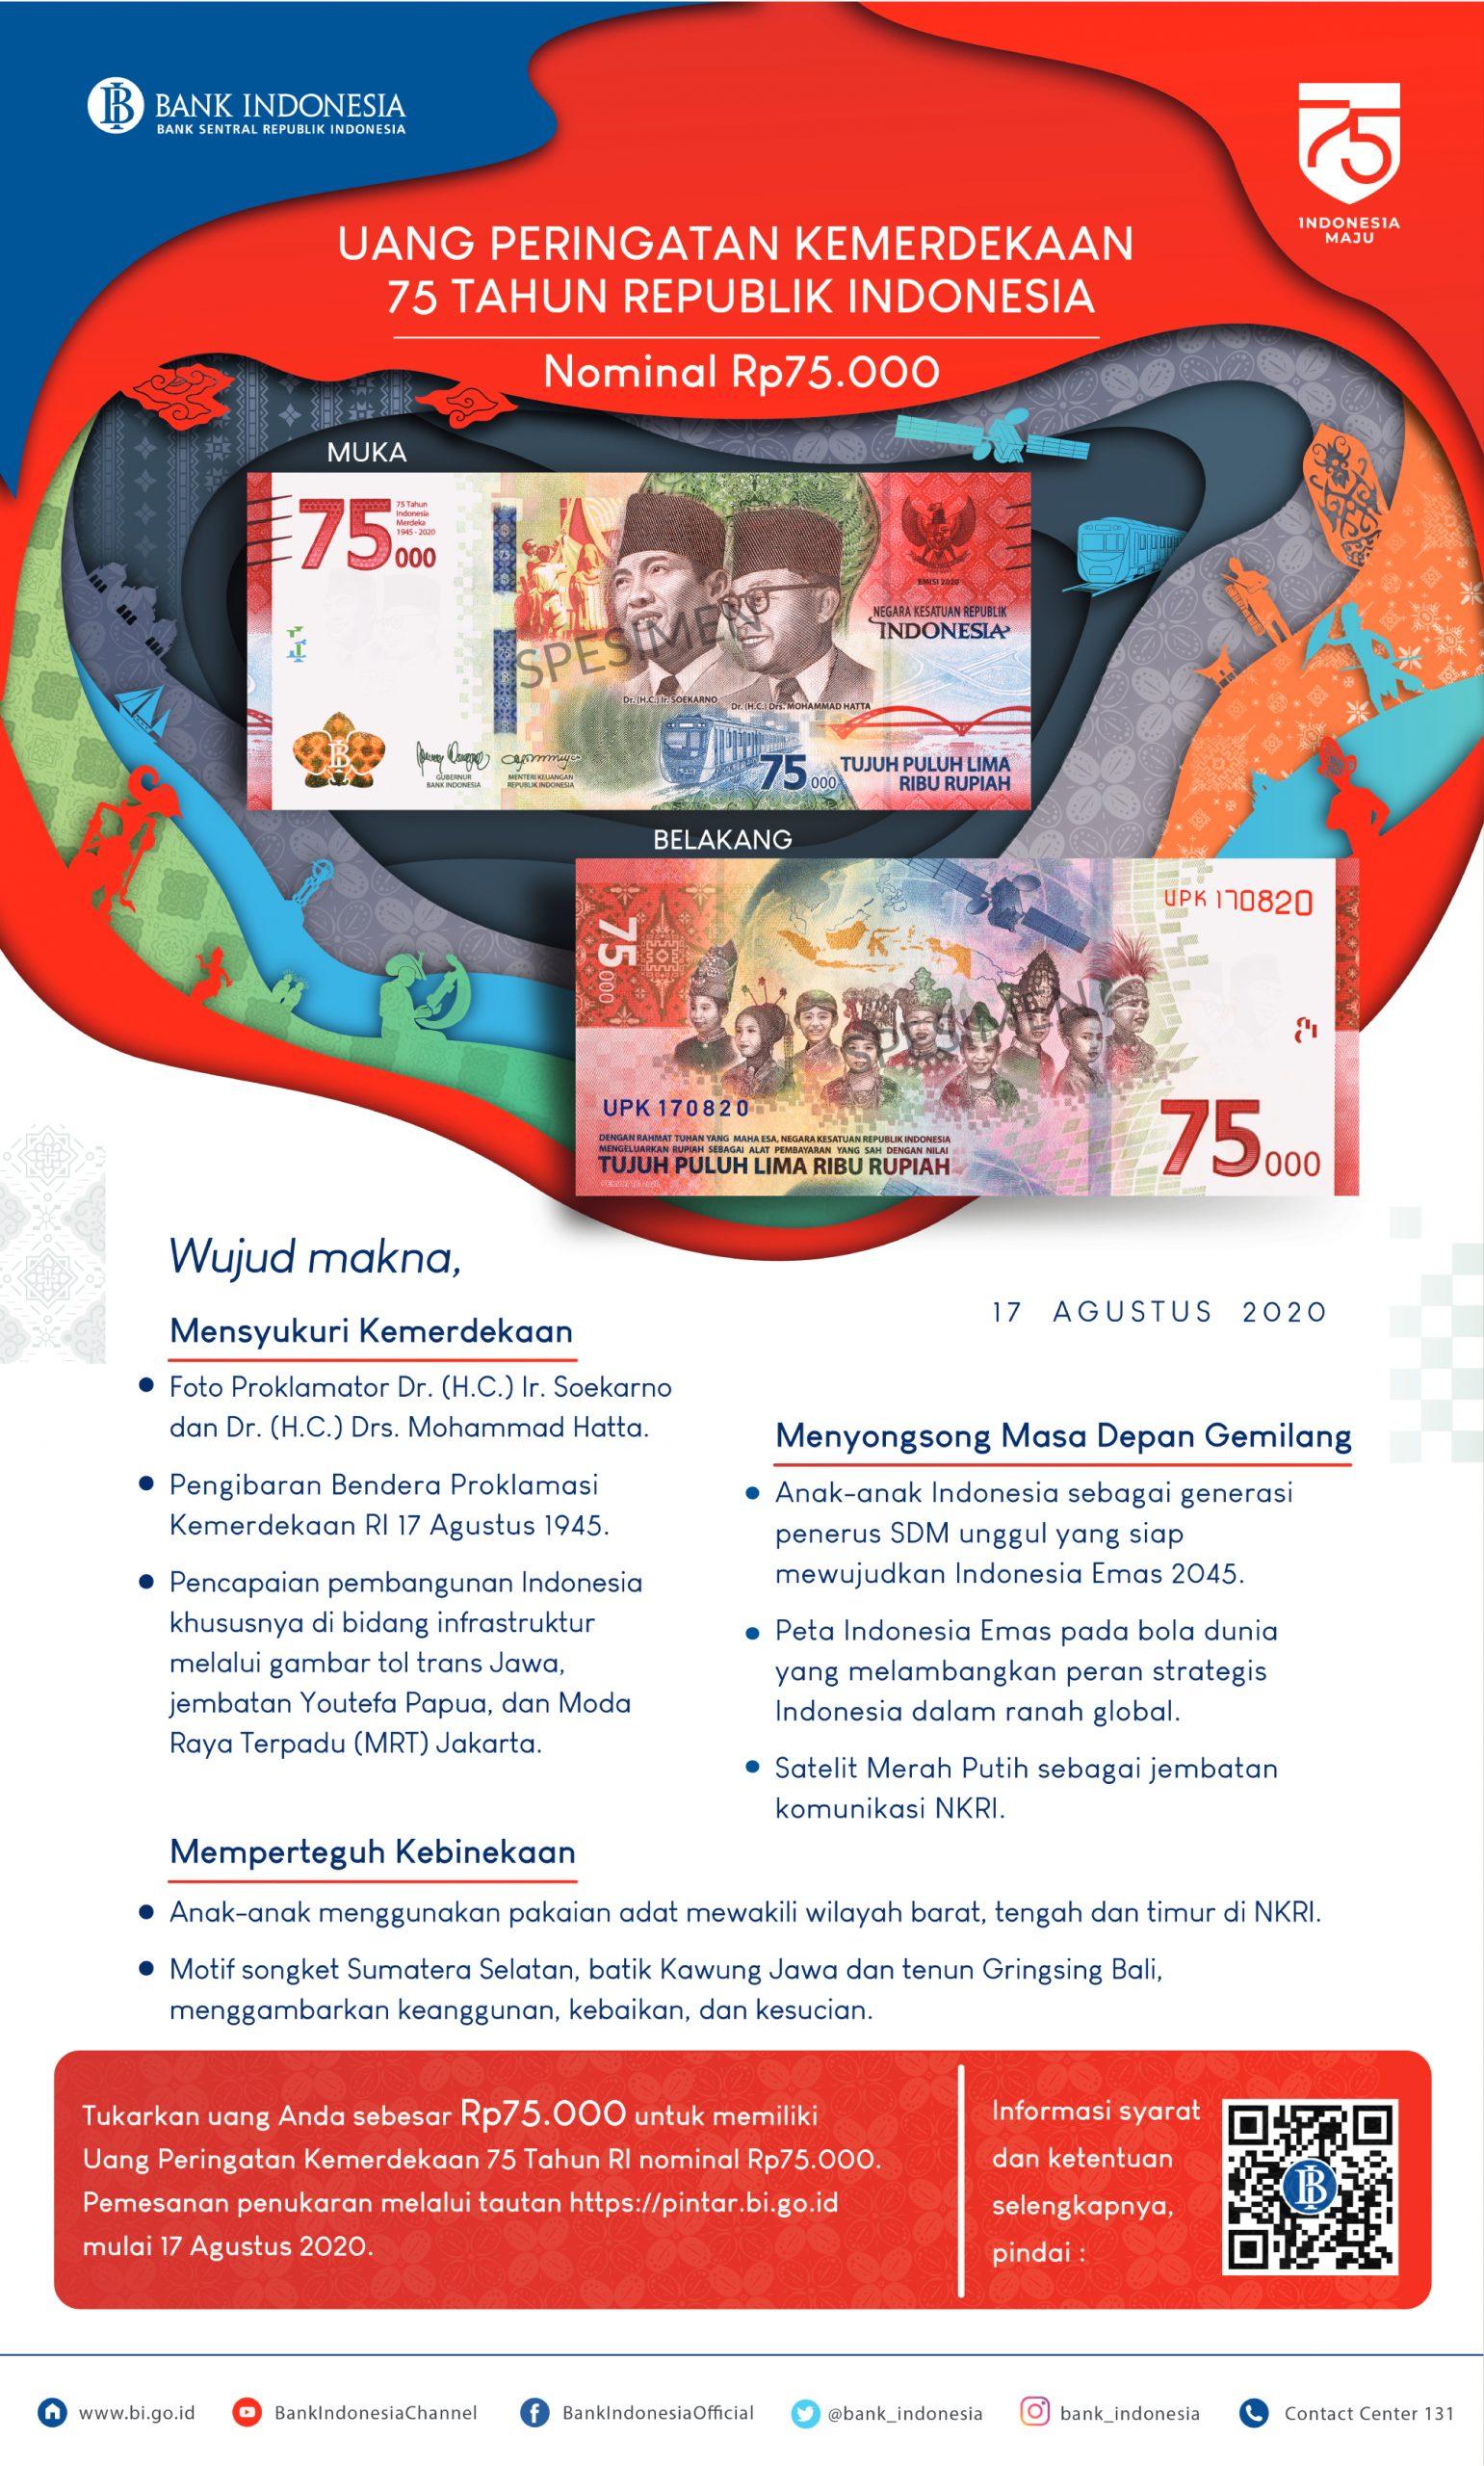 Tema-Uang-Peringatan-Kemerdekaan-75-Tahun-RI   Detak Jateng